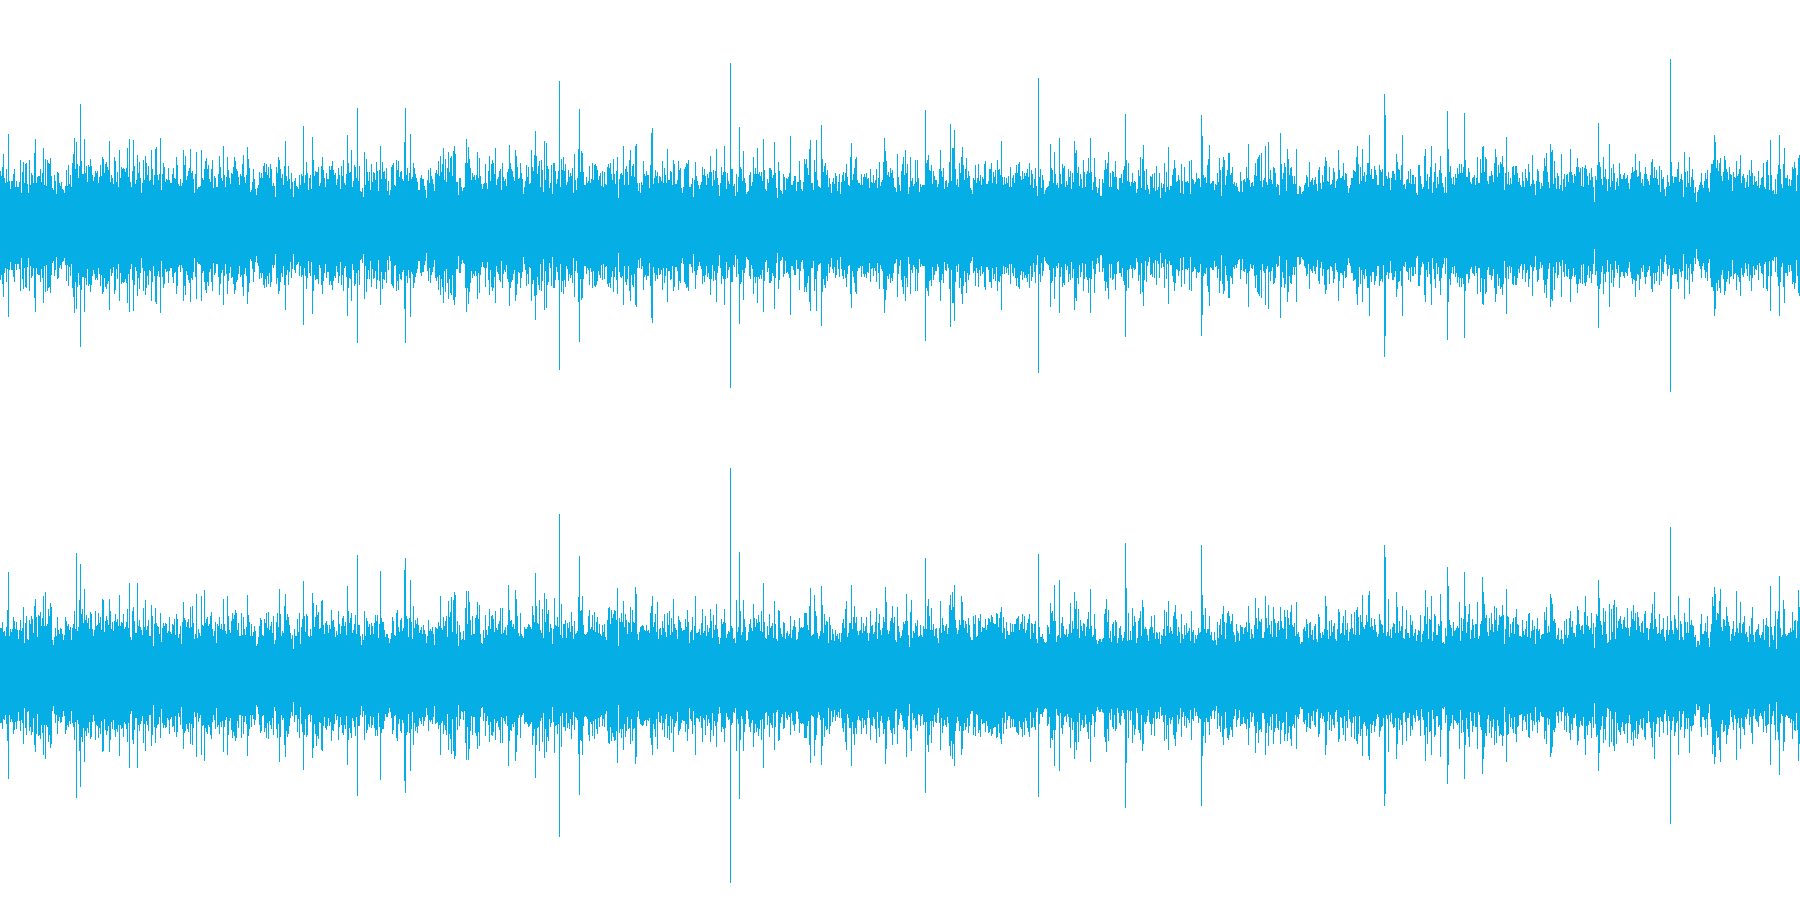 川のせせらぎ(小川)F(ループ再生可)の再生済みの波形